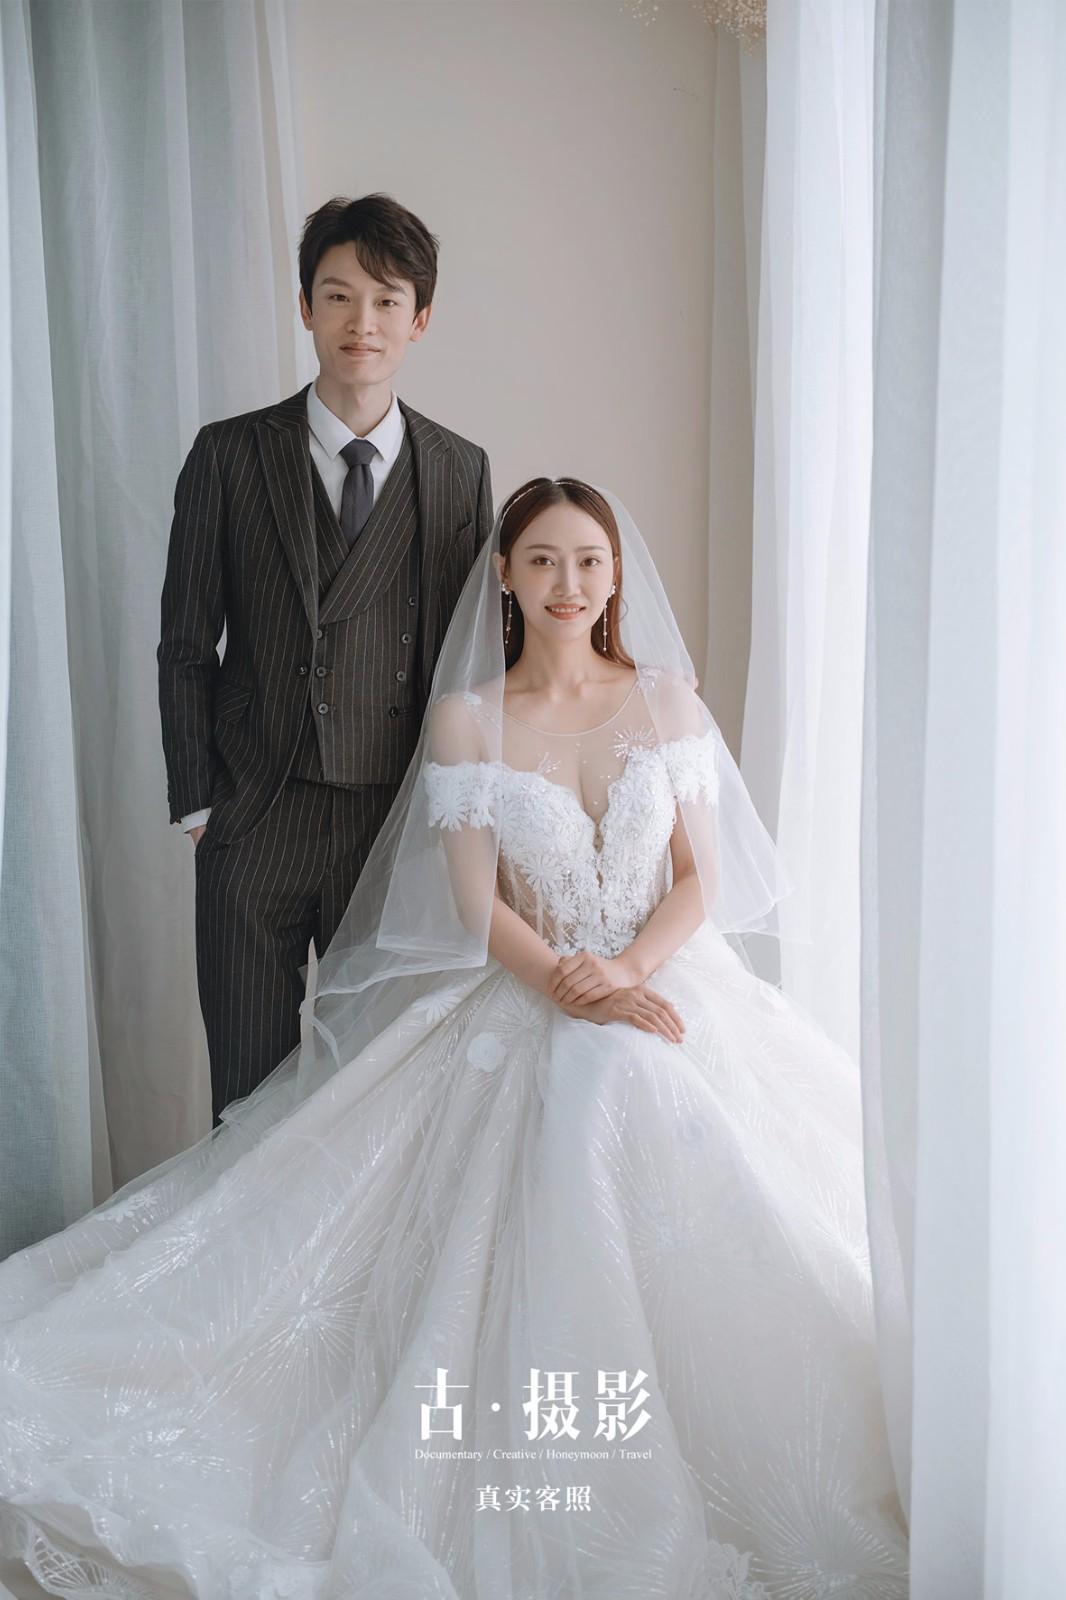 谢先生夫妇 - 每日客照 - 古摄影婚纱艺术-古摄影成都婚纱摄影艺术摄影网